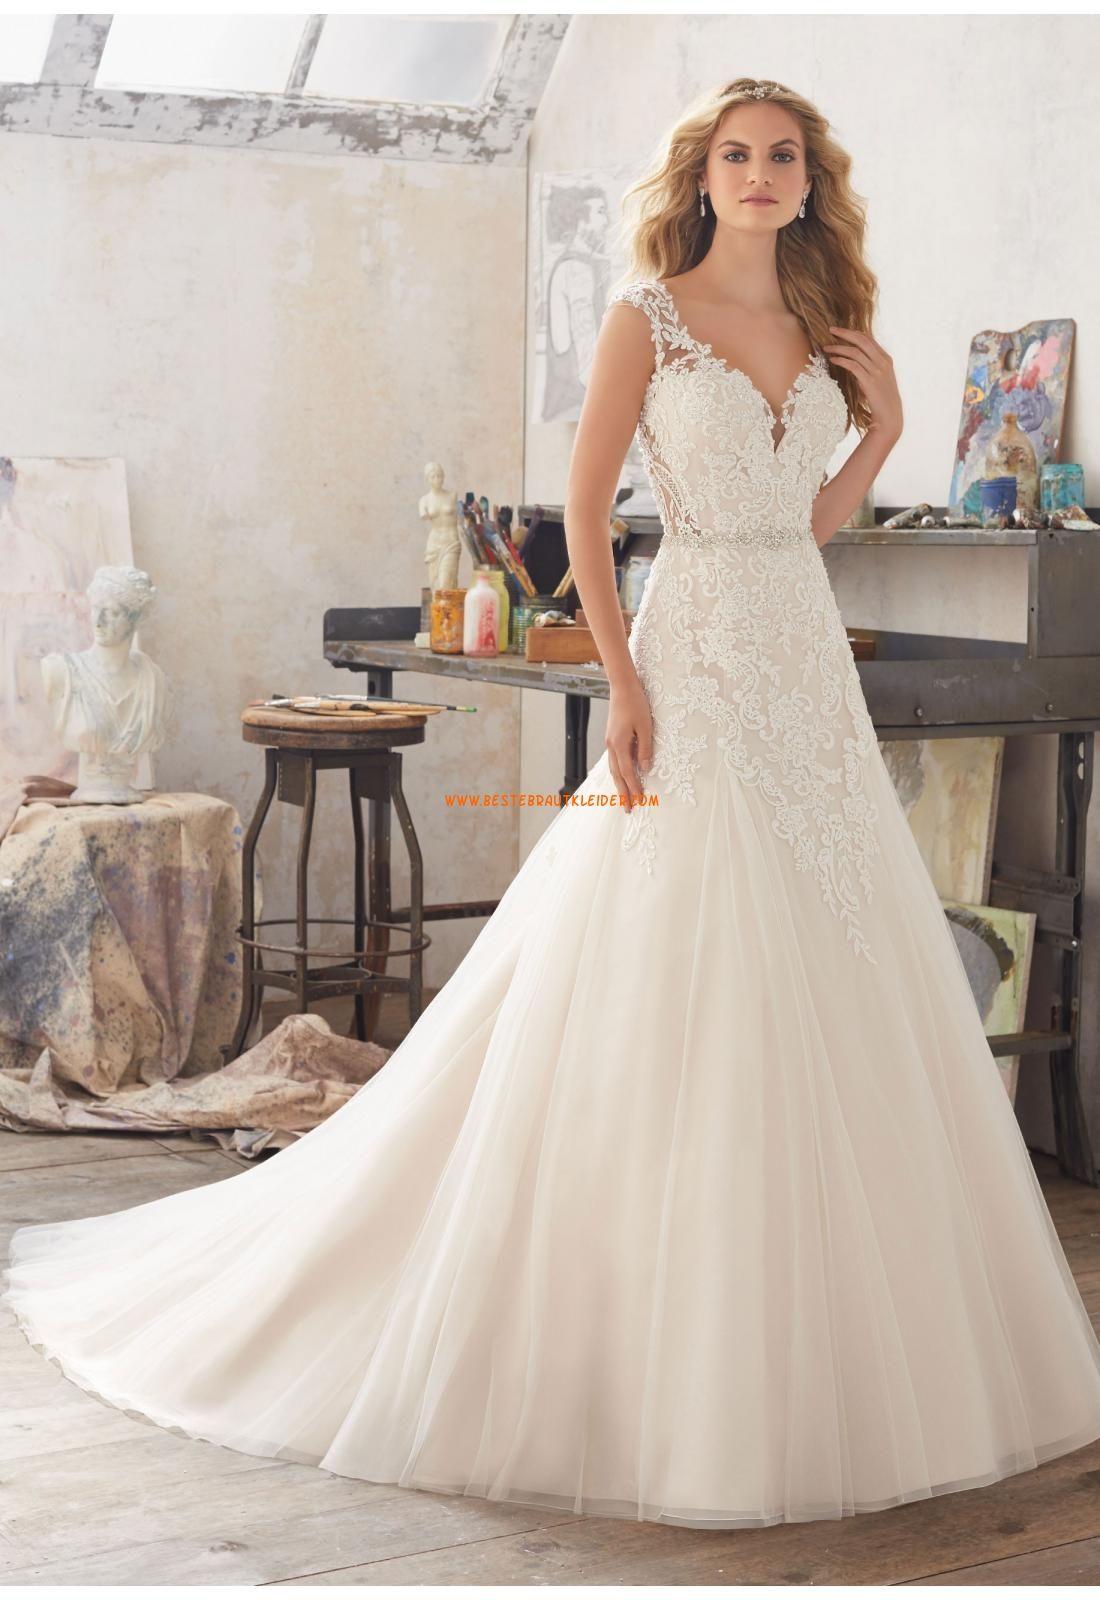 A-linie Traumhafte Schöne Brautkleider aus Tüll mit Applikation ...